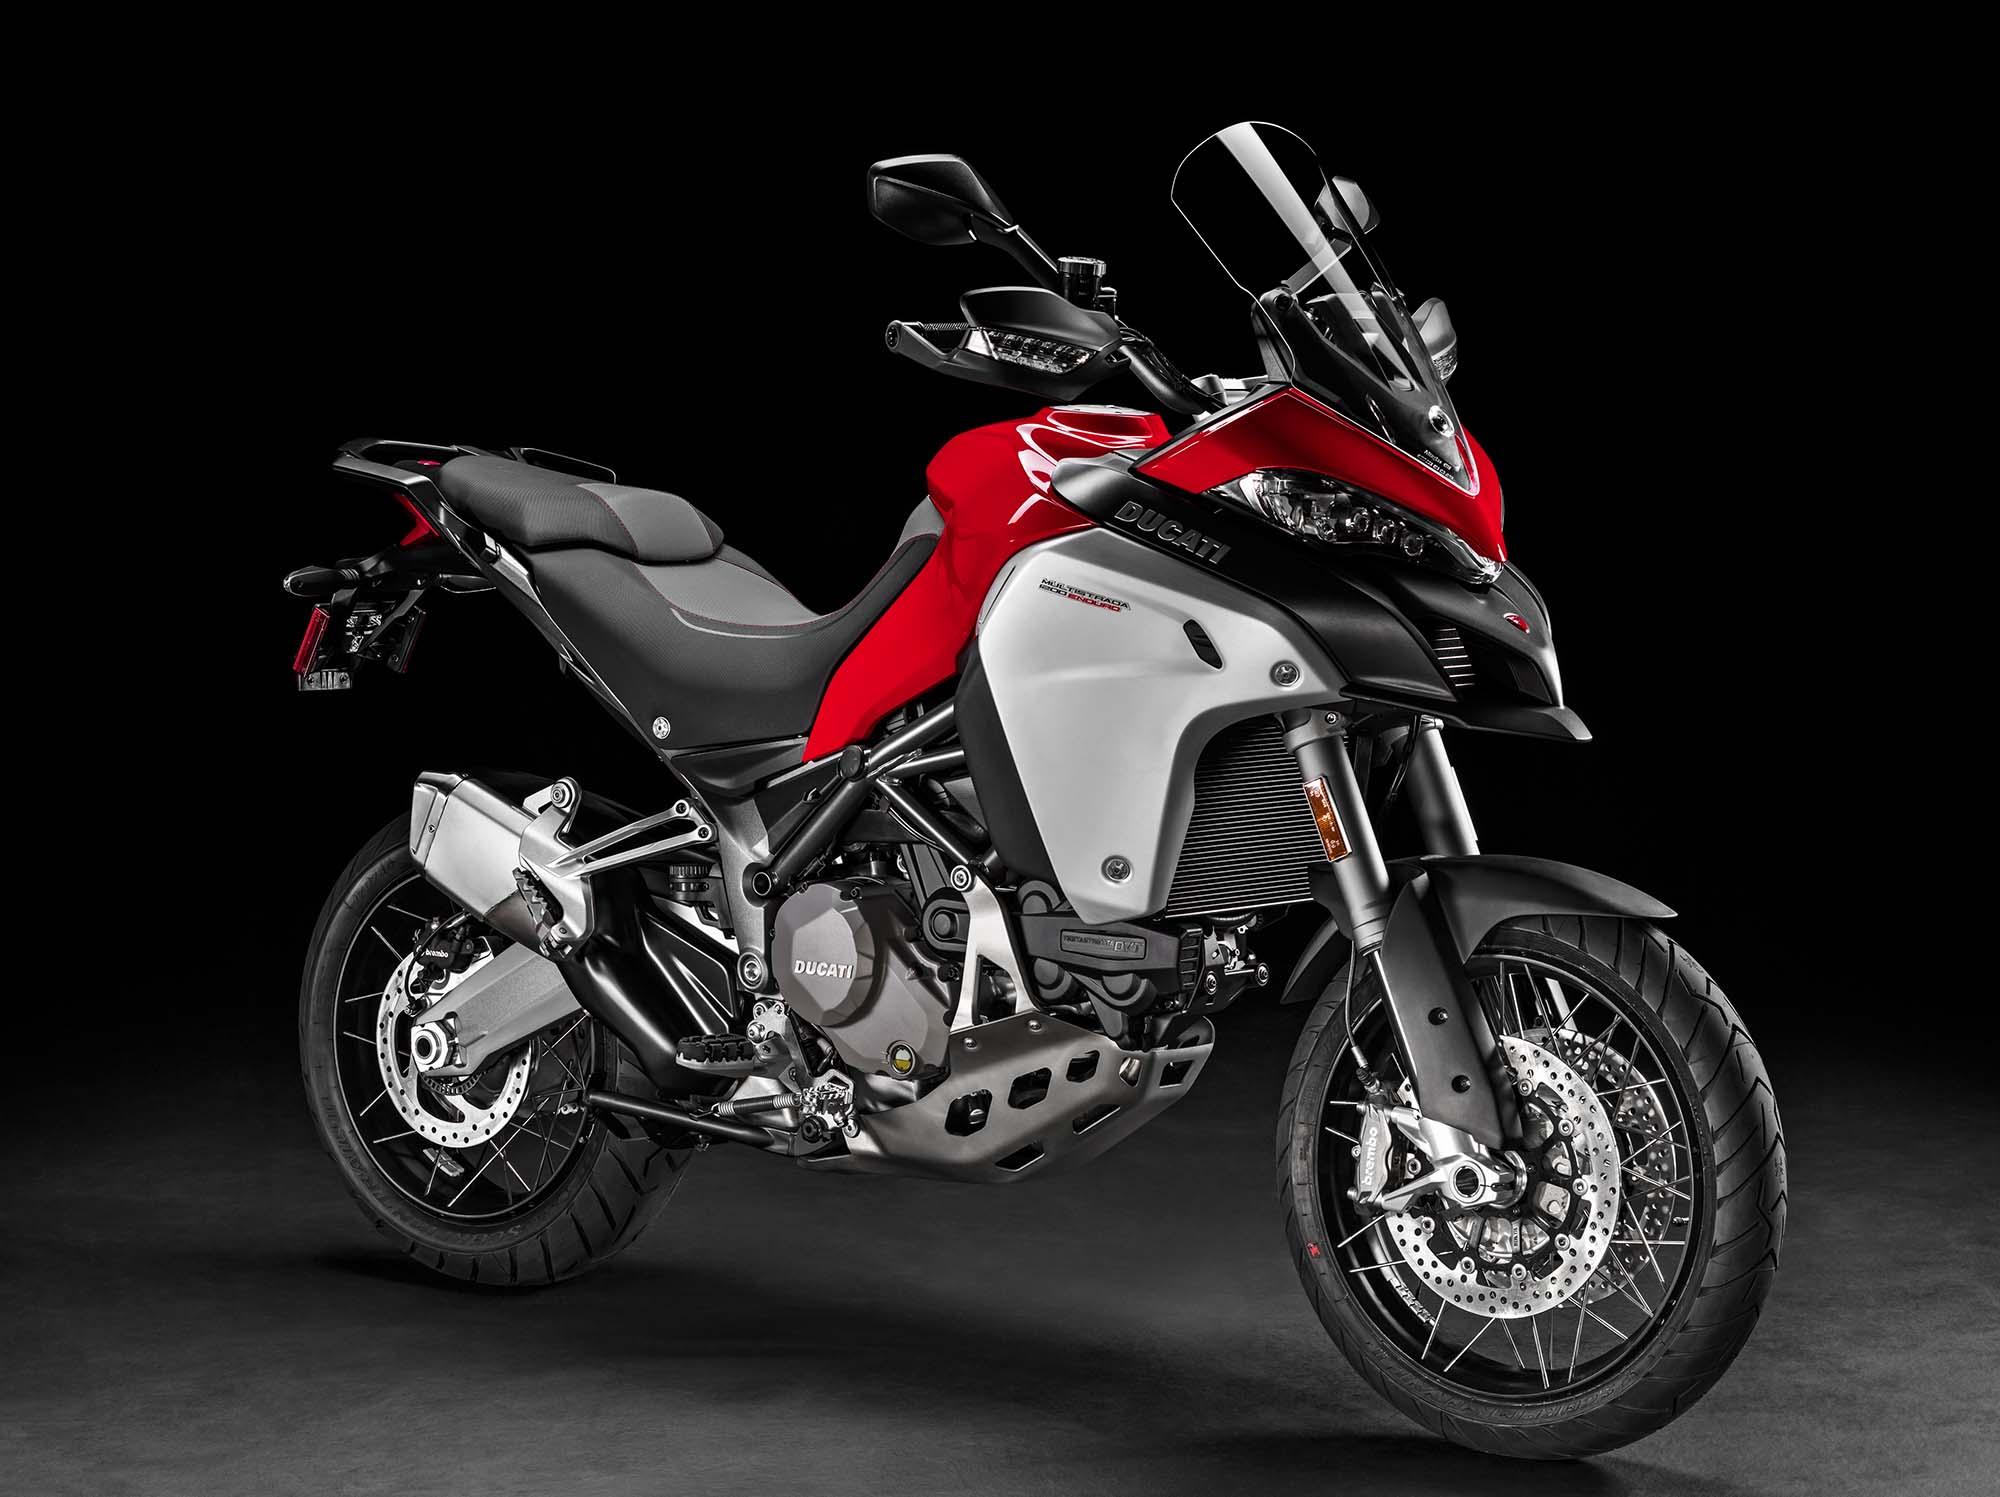 2016 Ducati Multistrada 1200 S Wiring Diagram Optimizer Pro Ebook